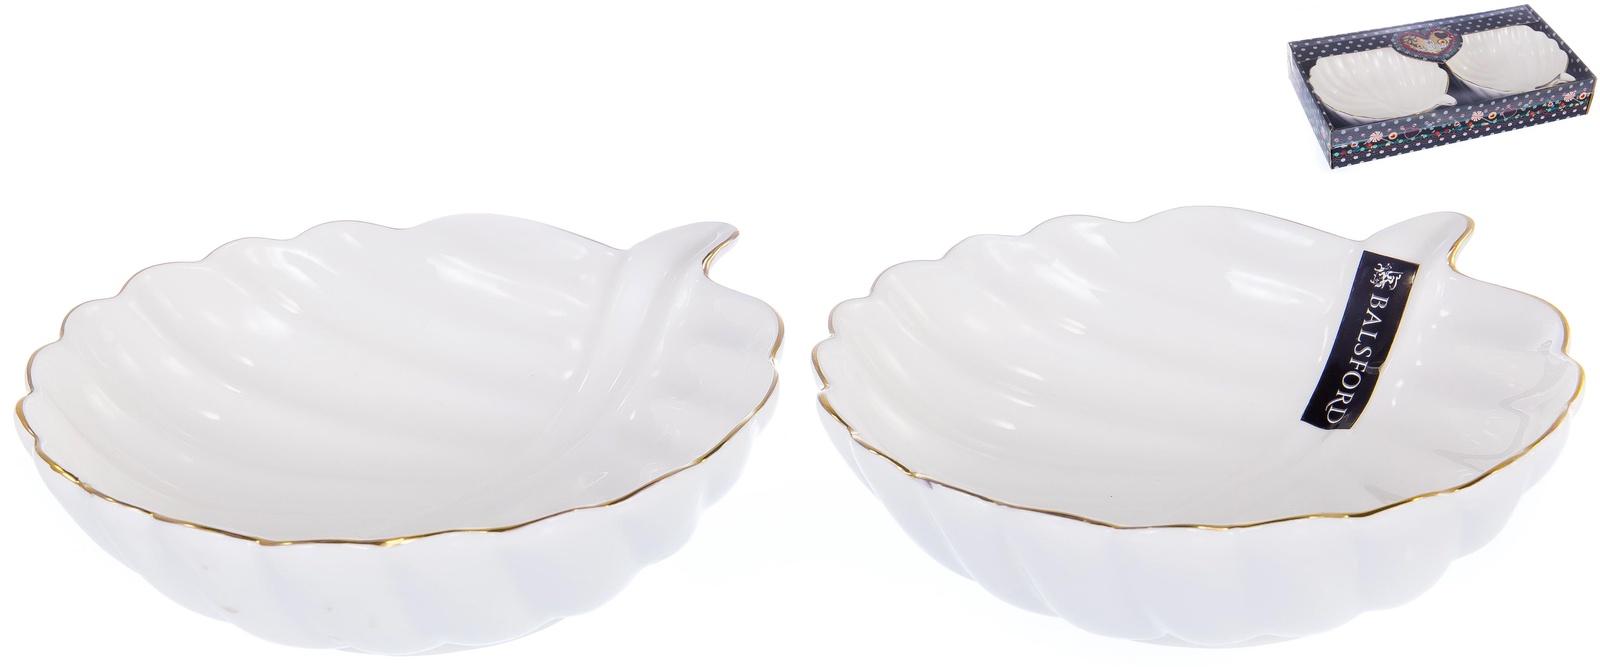 Набор 2 фигурных салатника размером 16см, ГРАЦИЯ, NEW BONE CHINAа NEW BONE CHINA, декор белый с золотом, подарочная упаковка с окном и бантом, ТМ Balsford, 101-01047